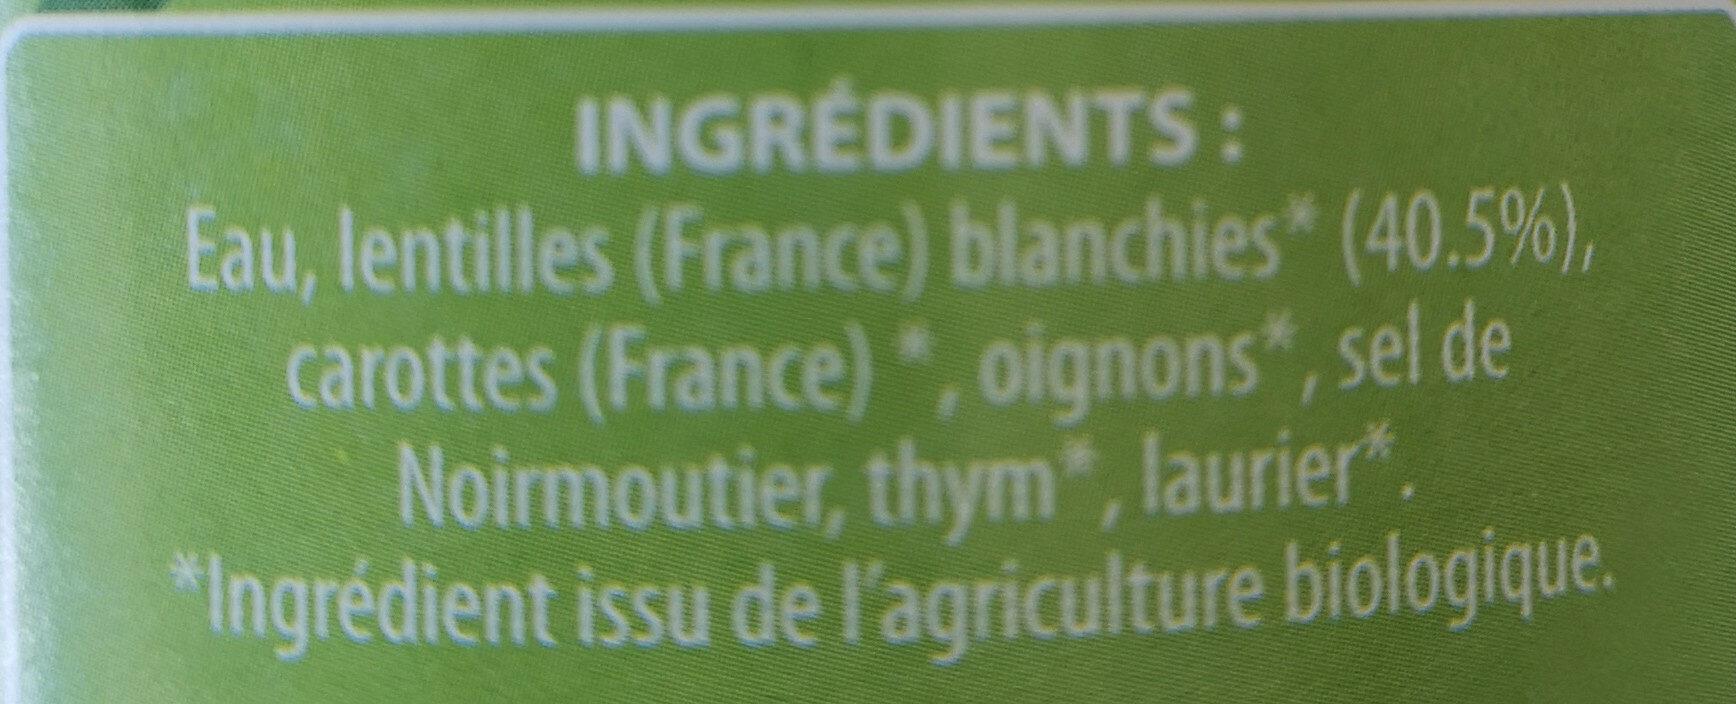 Lentilles cuisinées - Ingrédients - fr